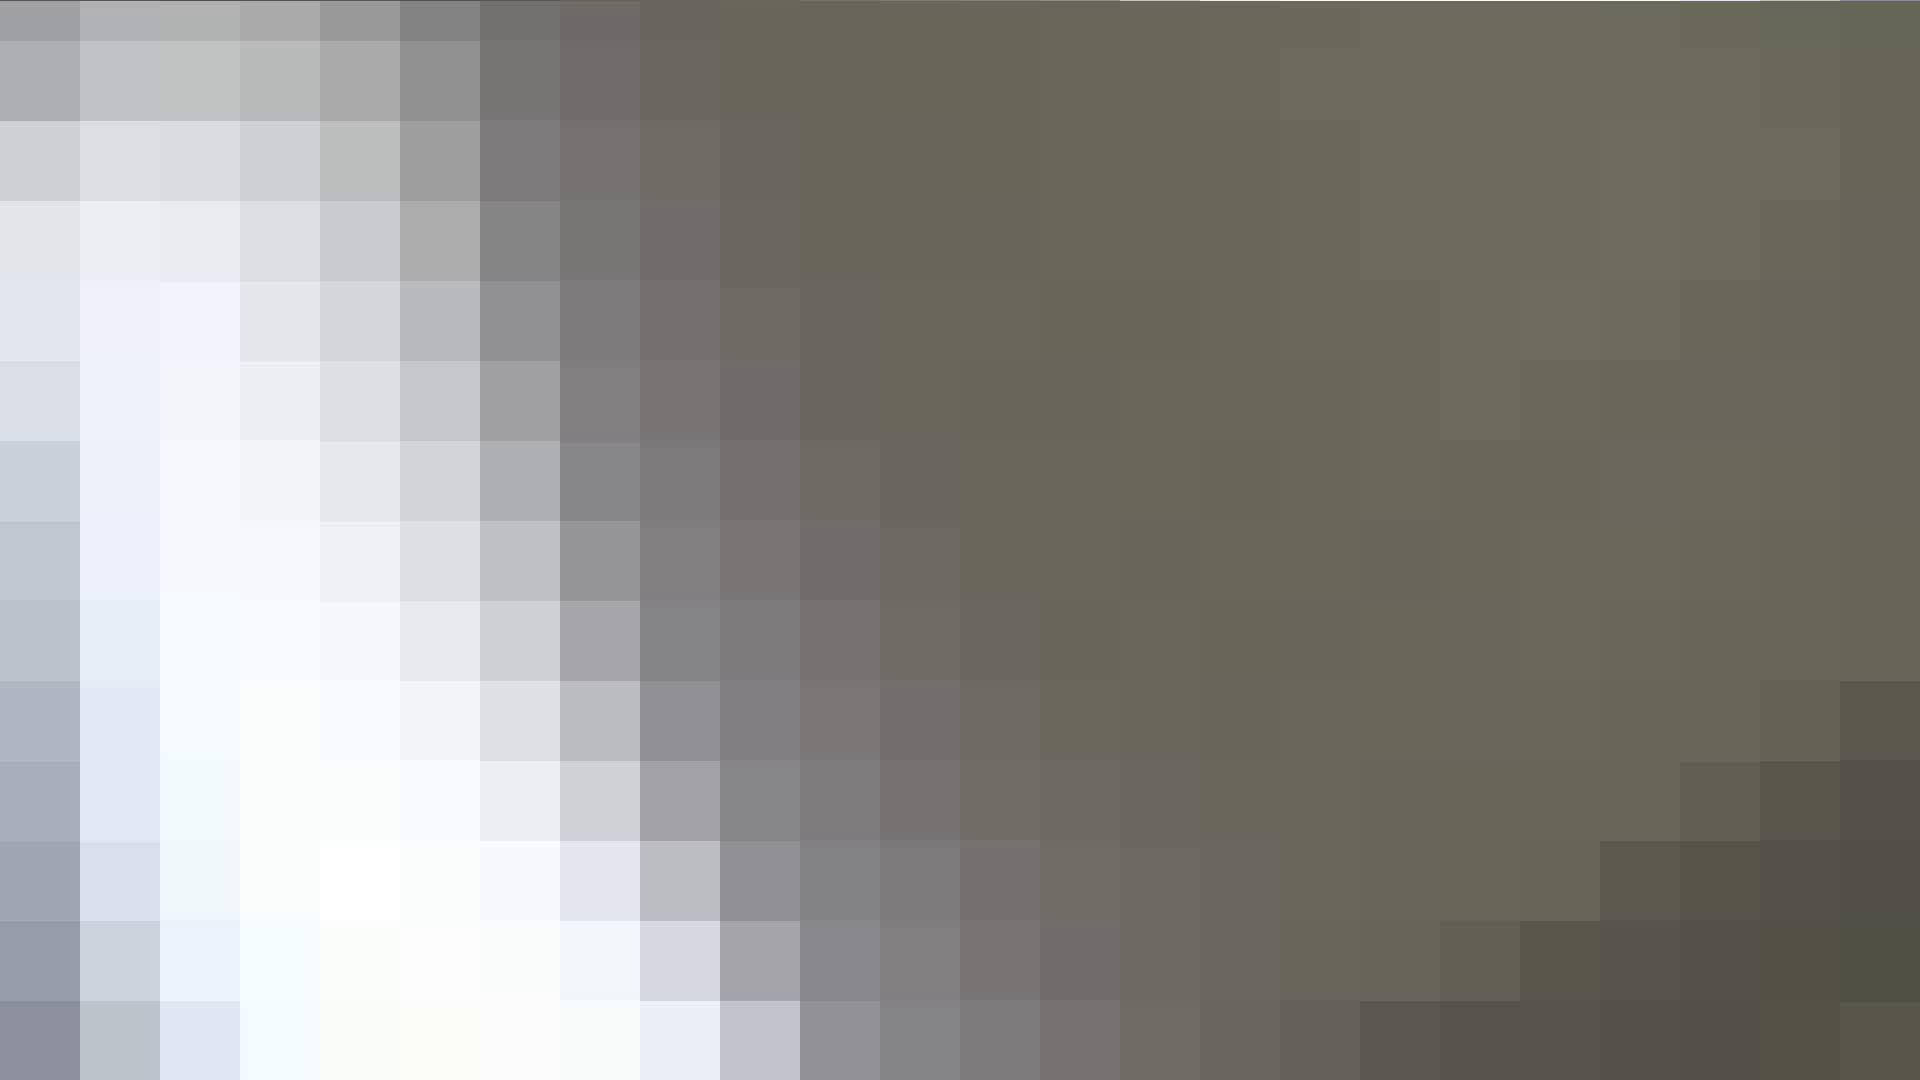 お市さんの「お尻丸出しジャンボリー」No.4 美人編 | 丸見え  104画像 11